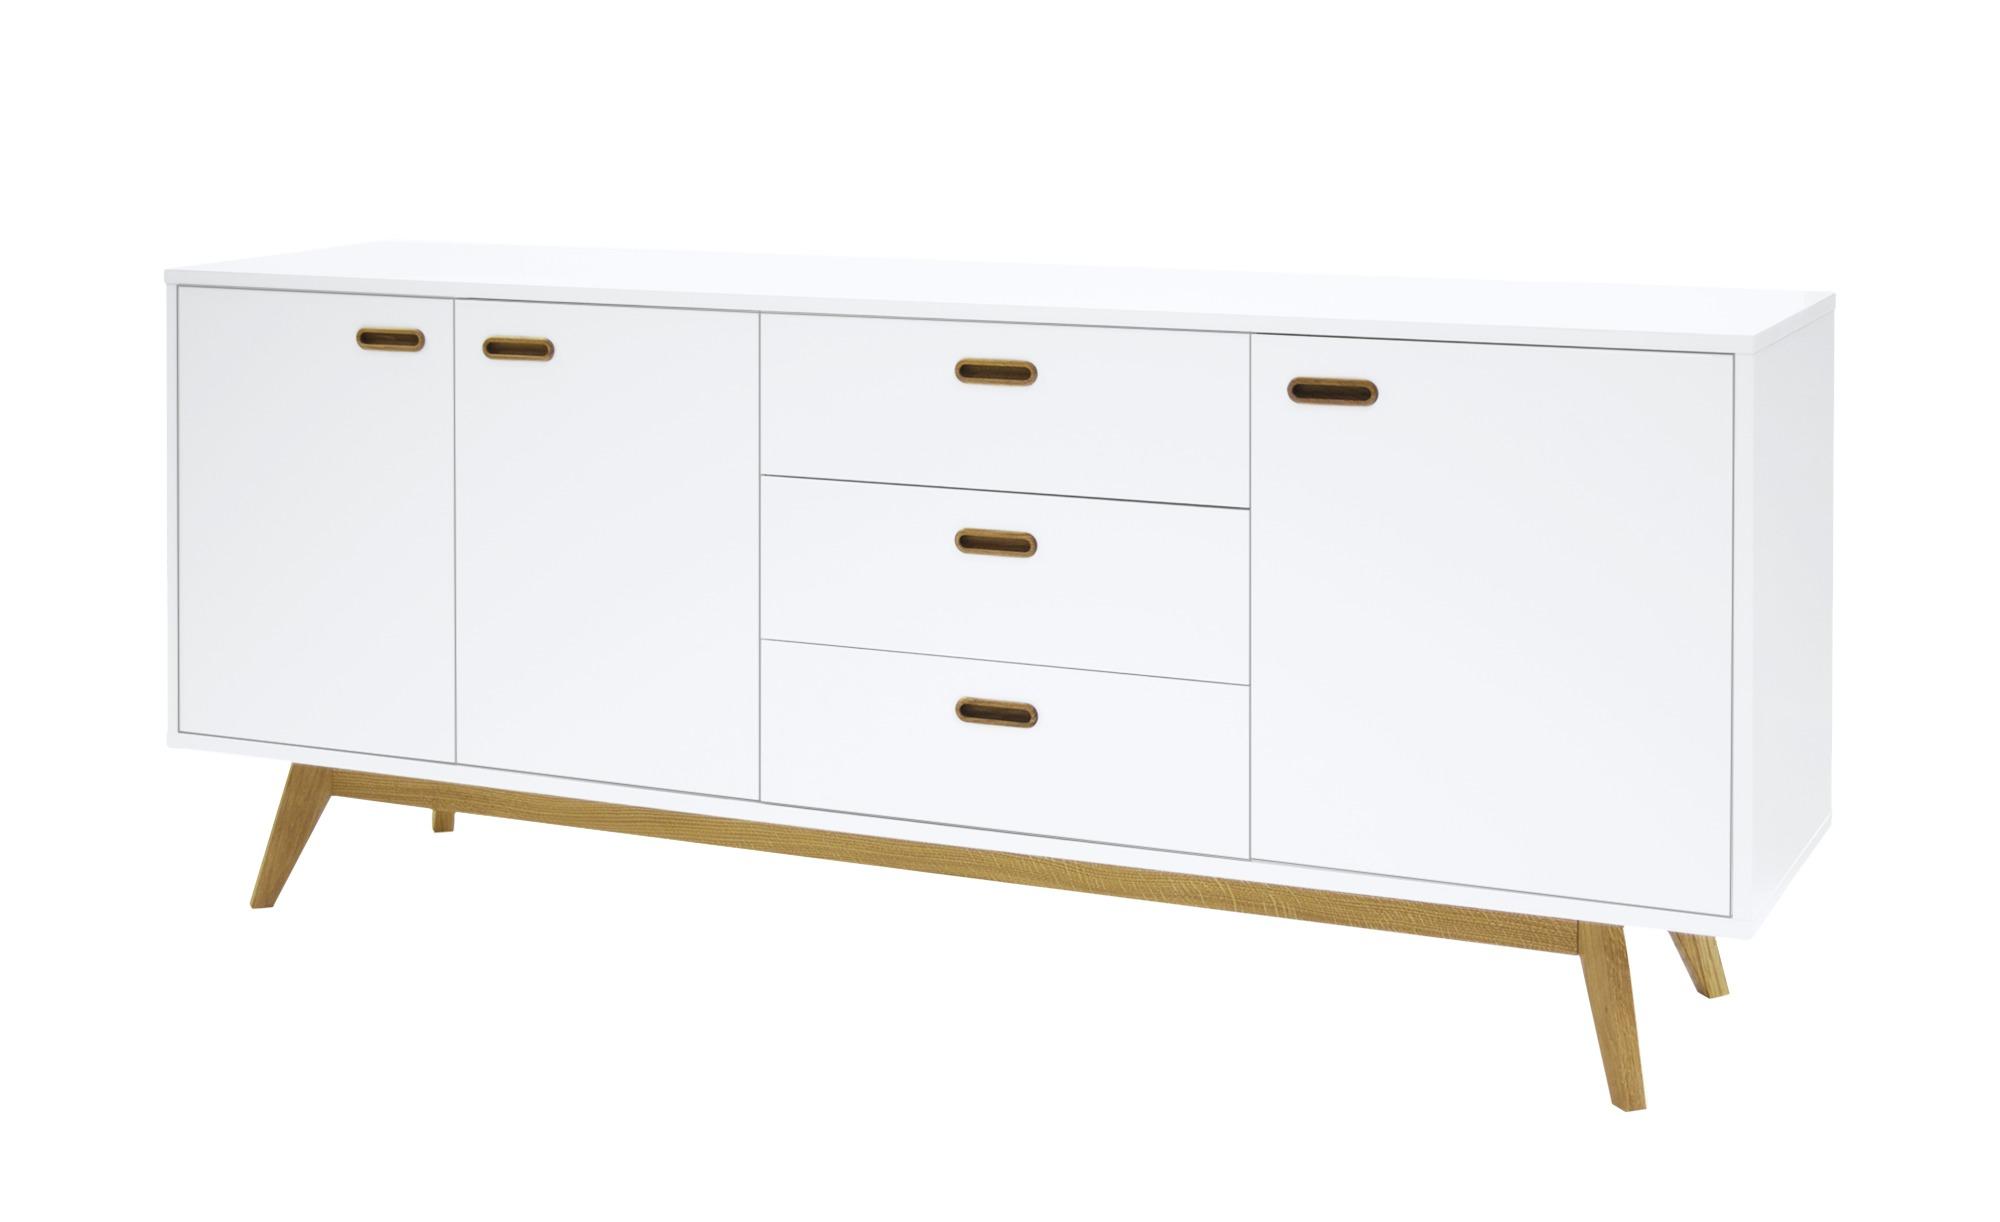 kommode jesper breite 200 cm h he 82 cm wei online kaufen bei woonio. Black Bedroom Furniture Sets. Home Design Ideas